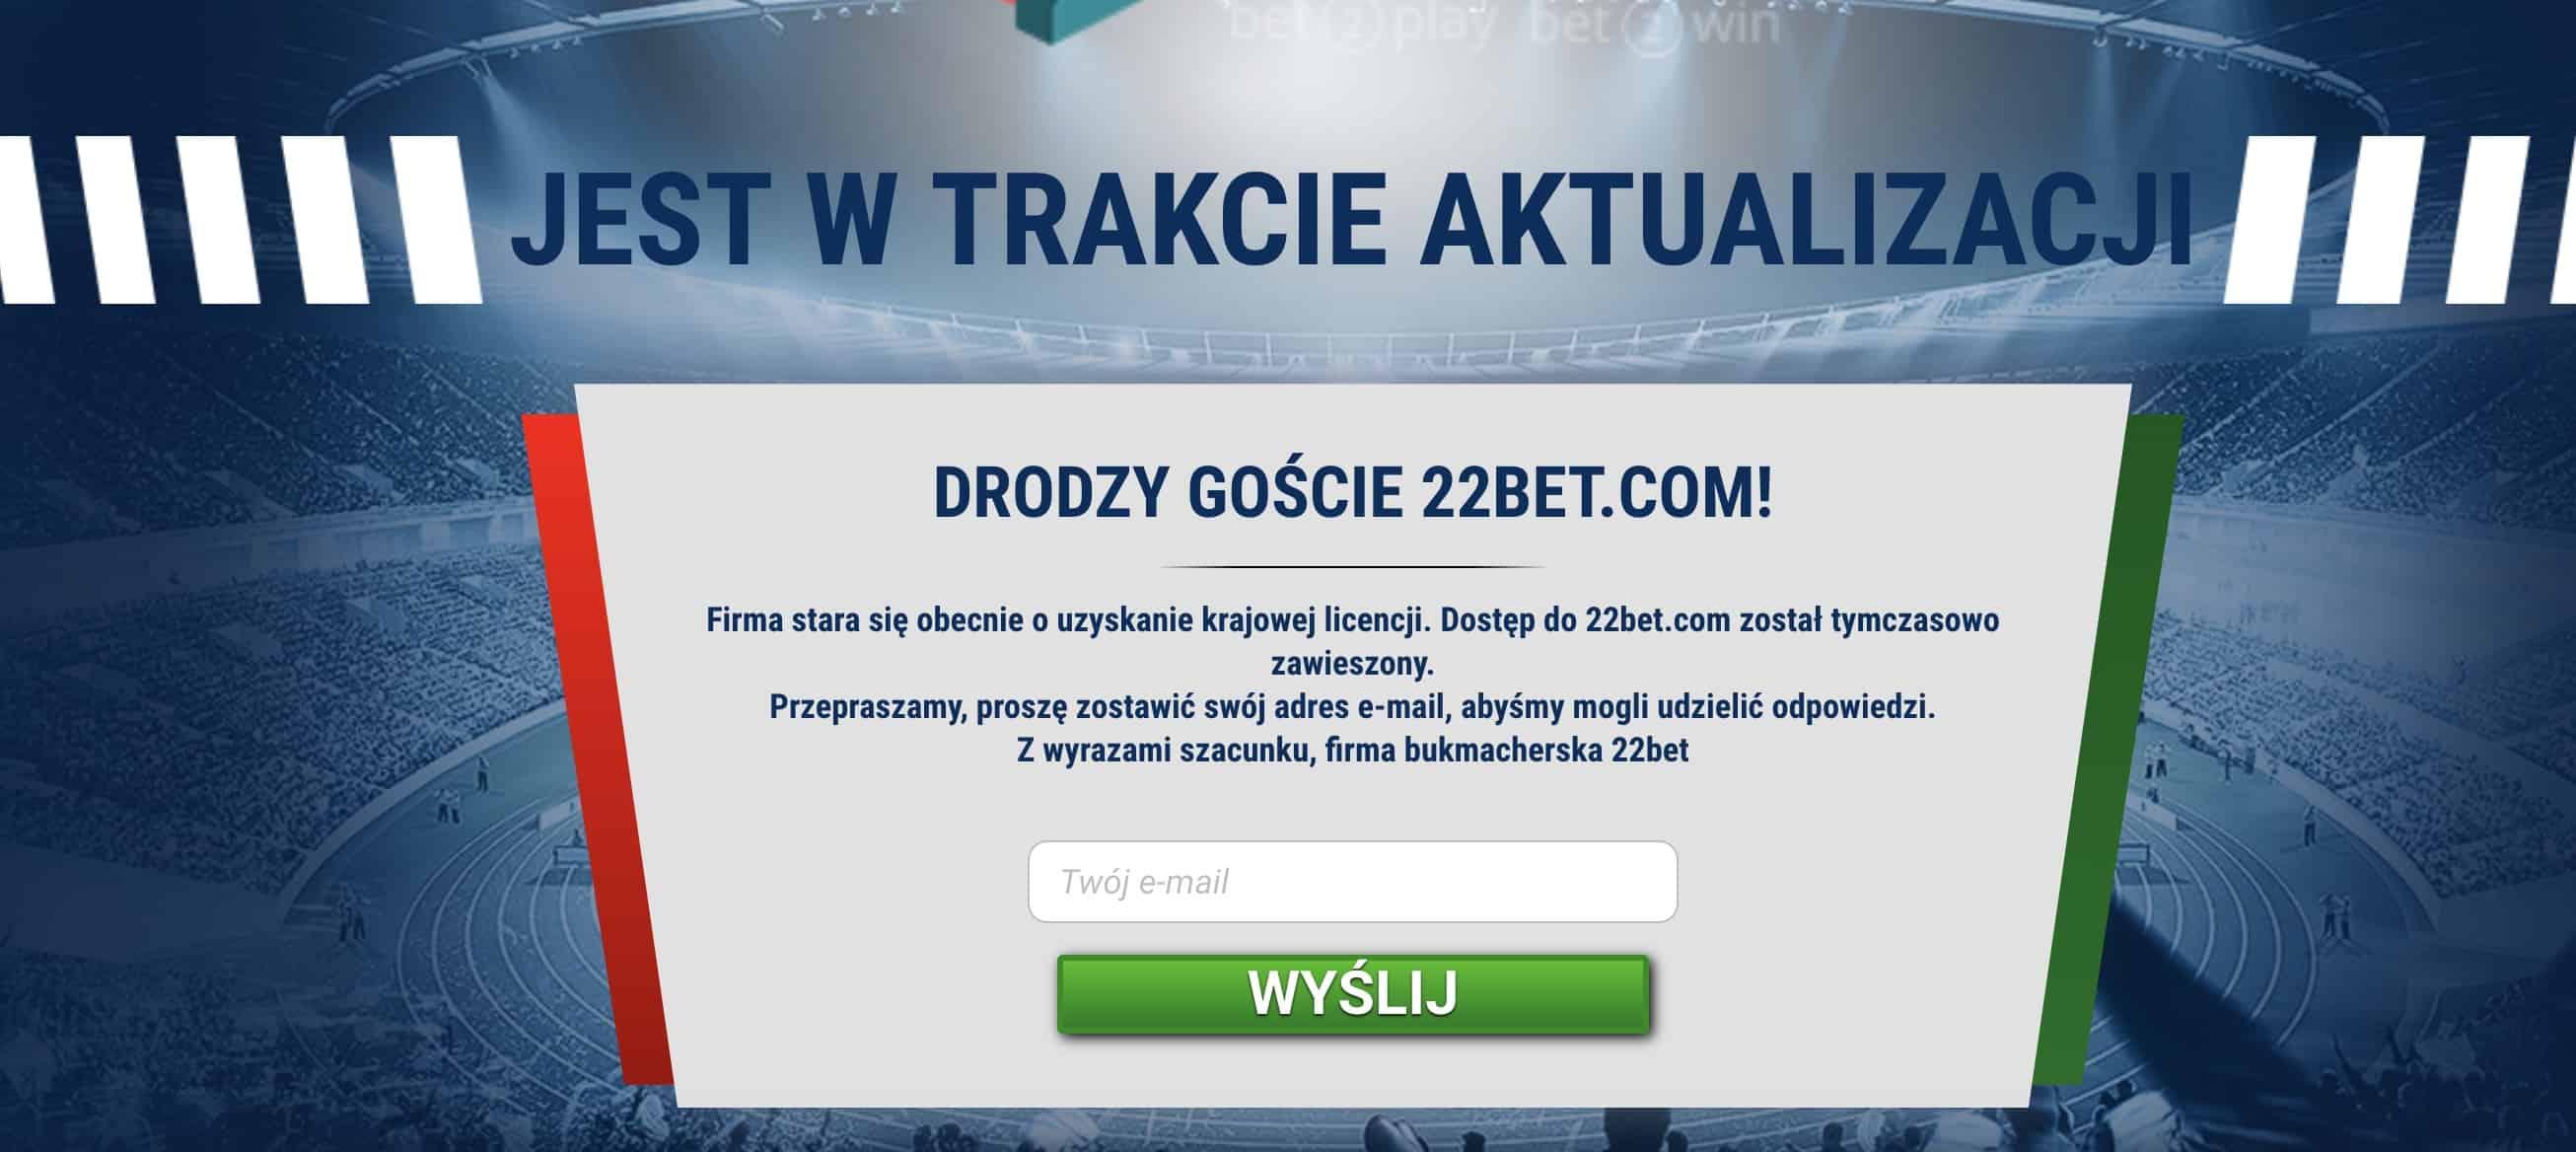 22bet wejdzie do Polski w 2019? Najnowsze informacje